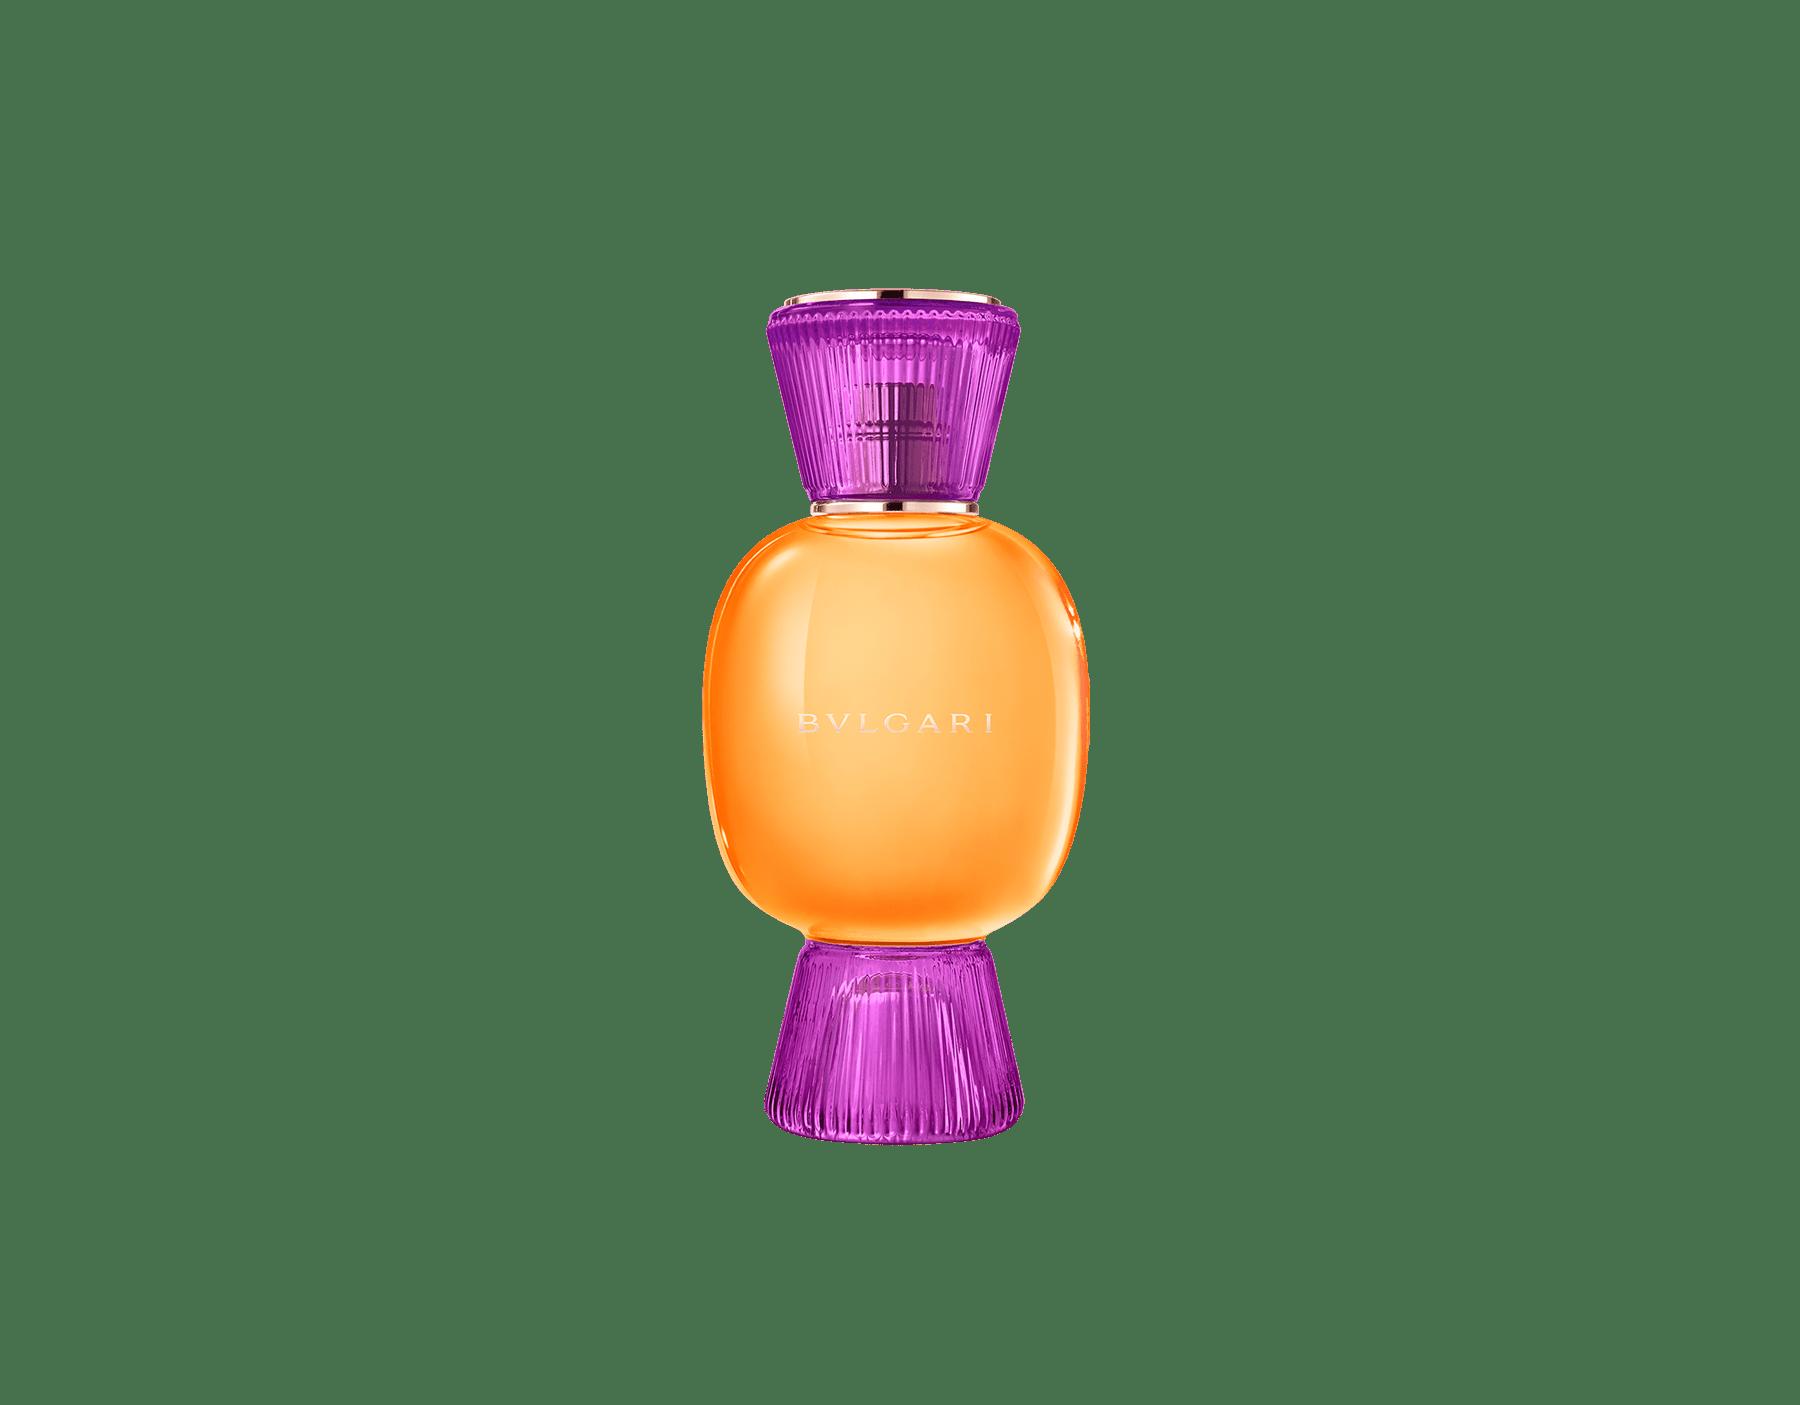 獨特香水套組,和您一樣大膽特別。芳醇馥郁的 Rock'n'Rome Allegra 淡香精融合感性耀眼的 Magnifying Patchouli 廣藿香精華,創造出個性鮮明的女香。 Perfume-Set-Rock-n-Rome-and-Patchouli-Magnifying image 2